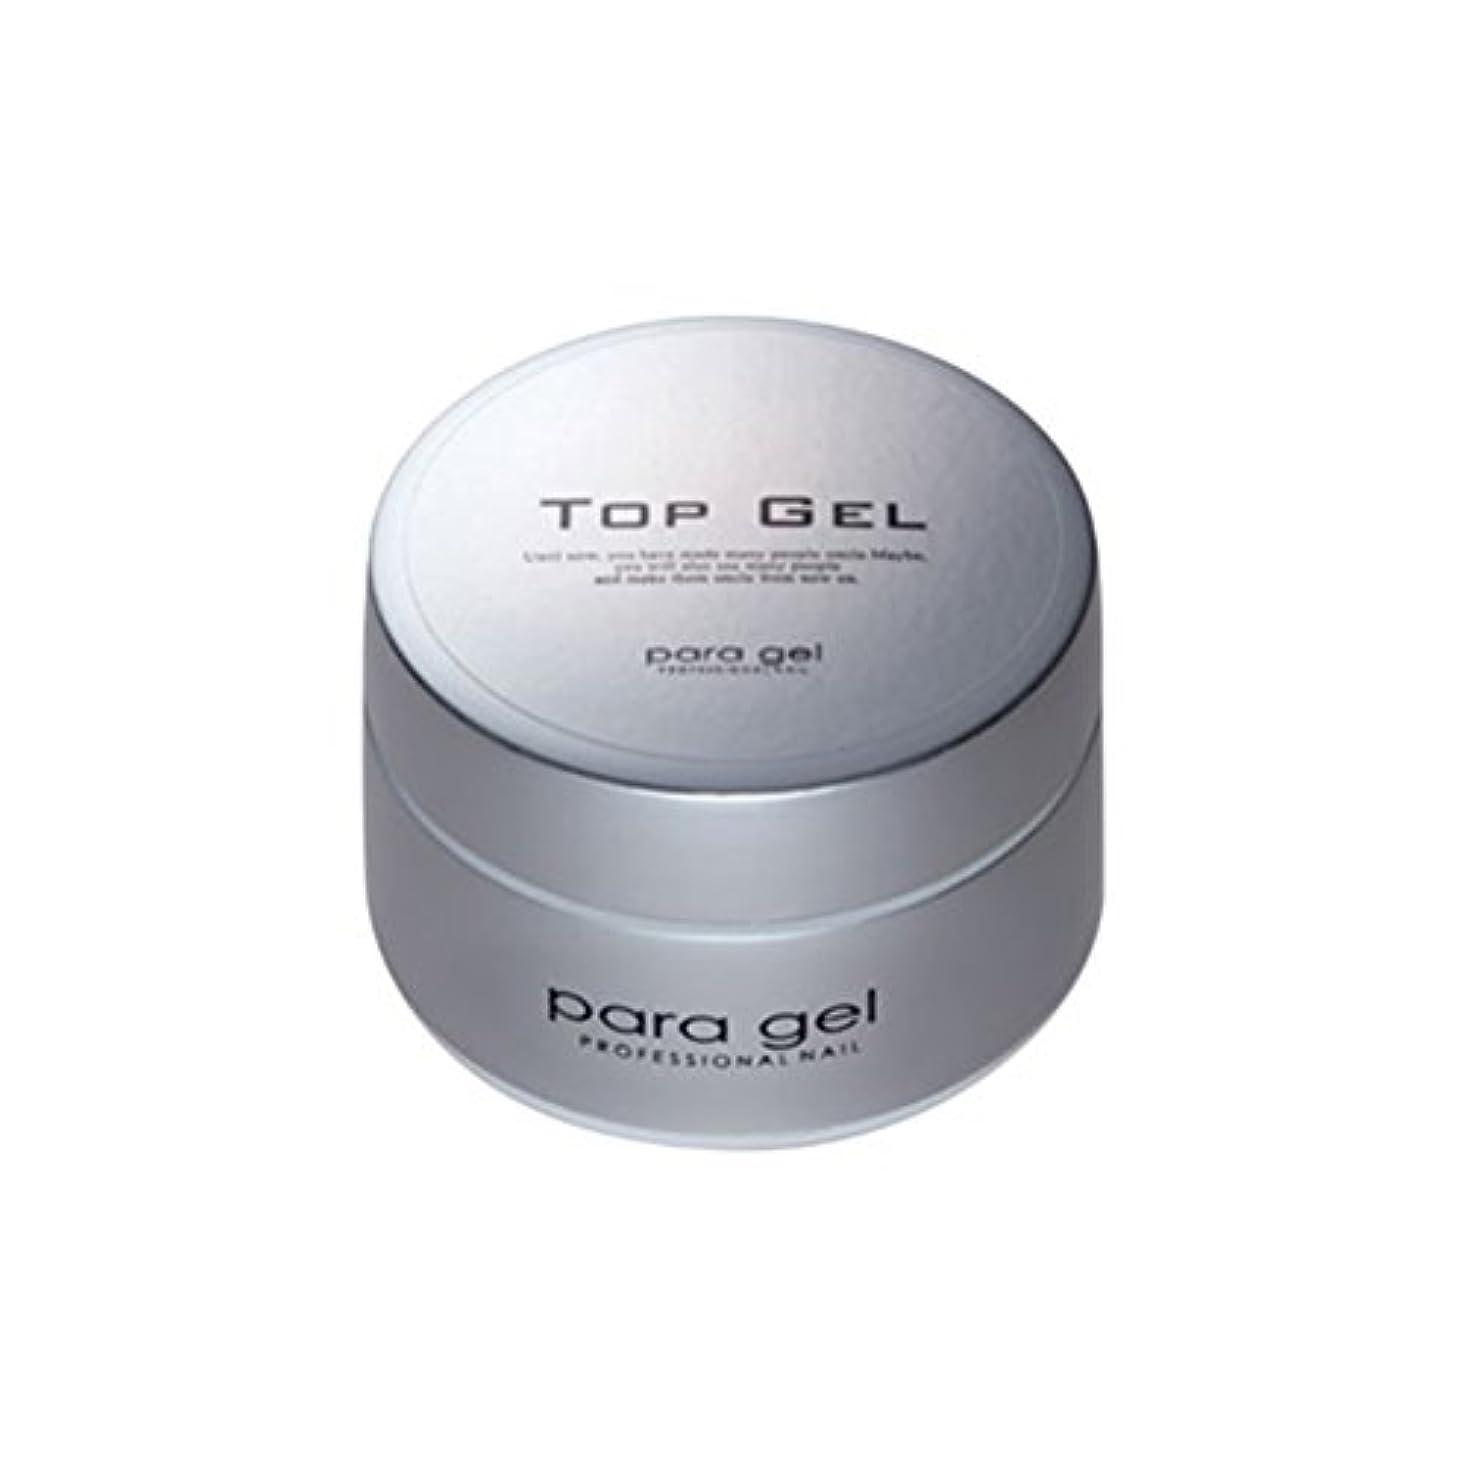 累積廃止信頼性のあるpara gel トップジェル 10g